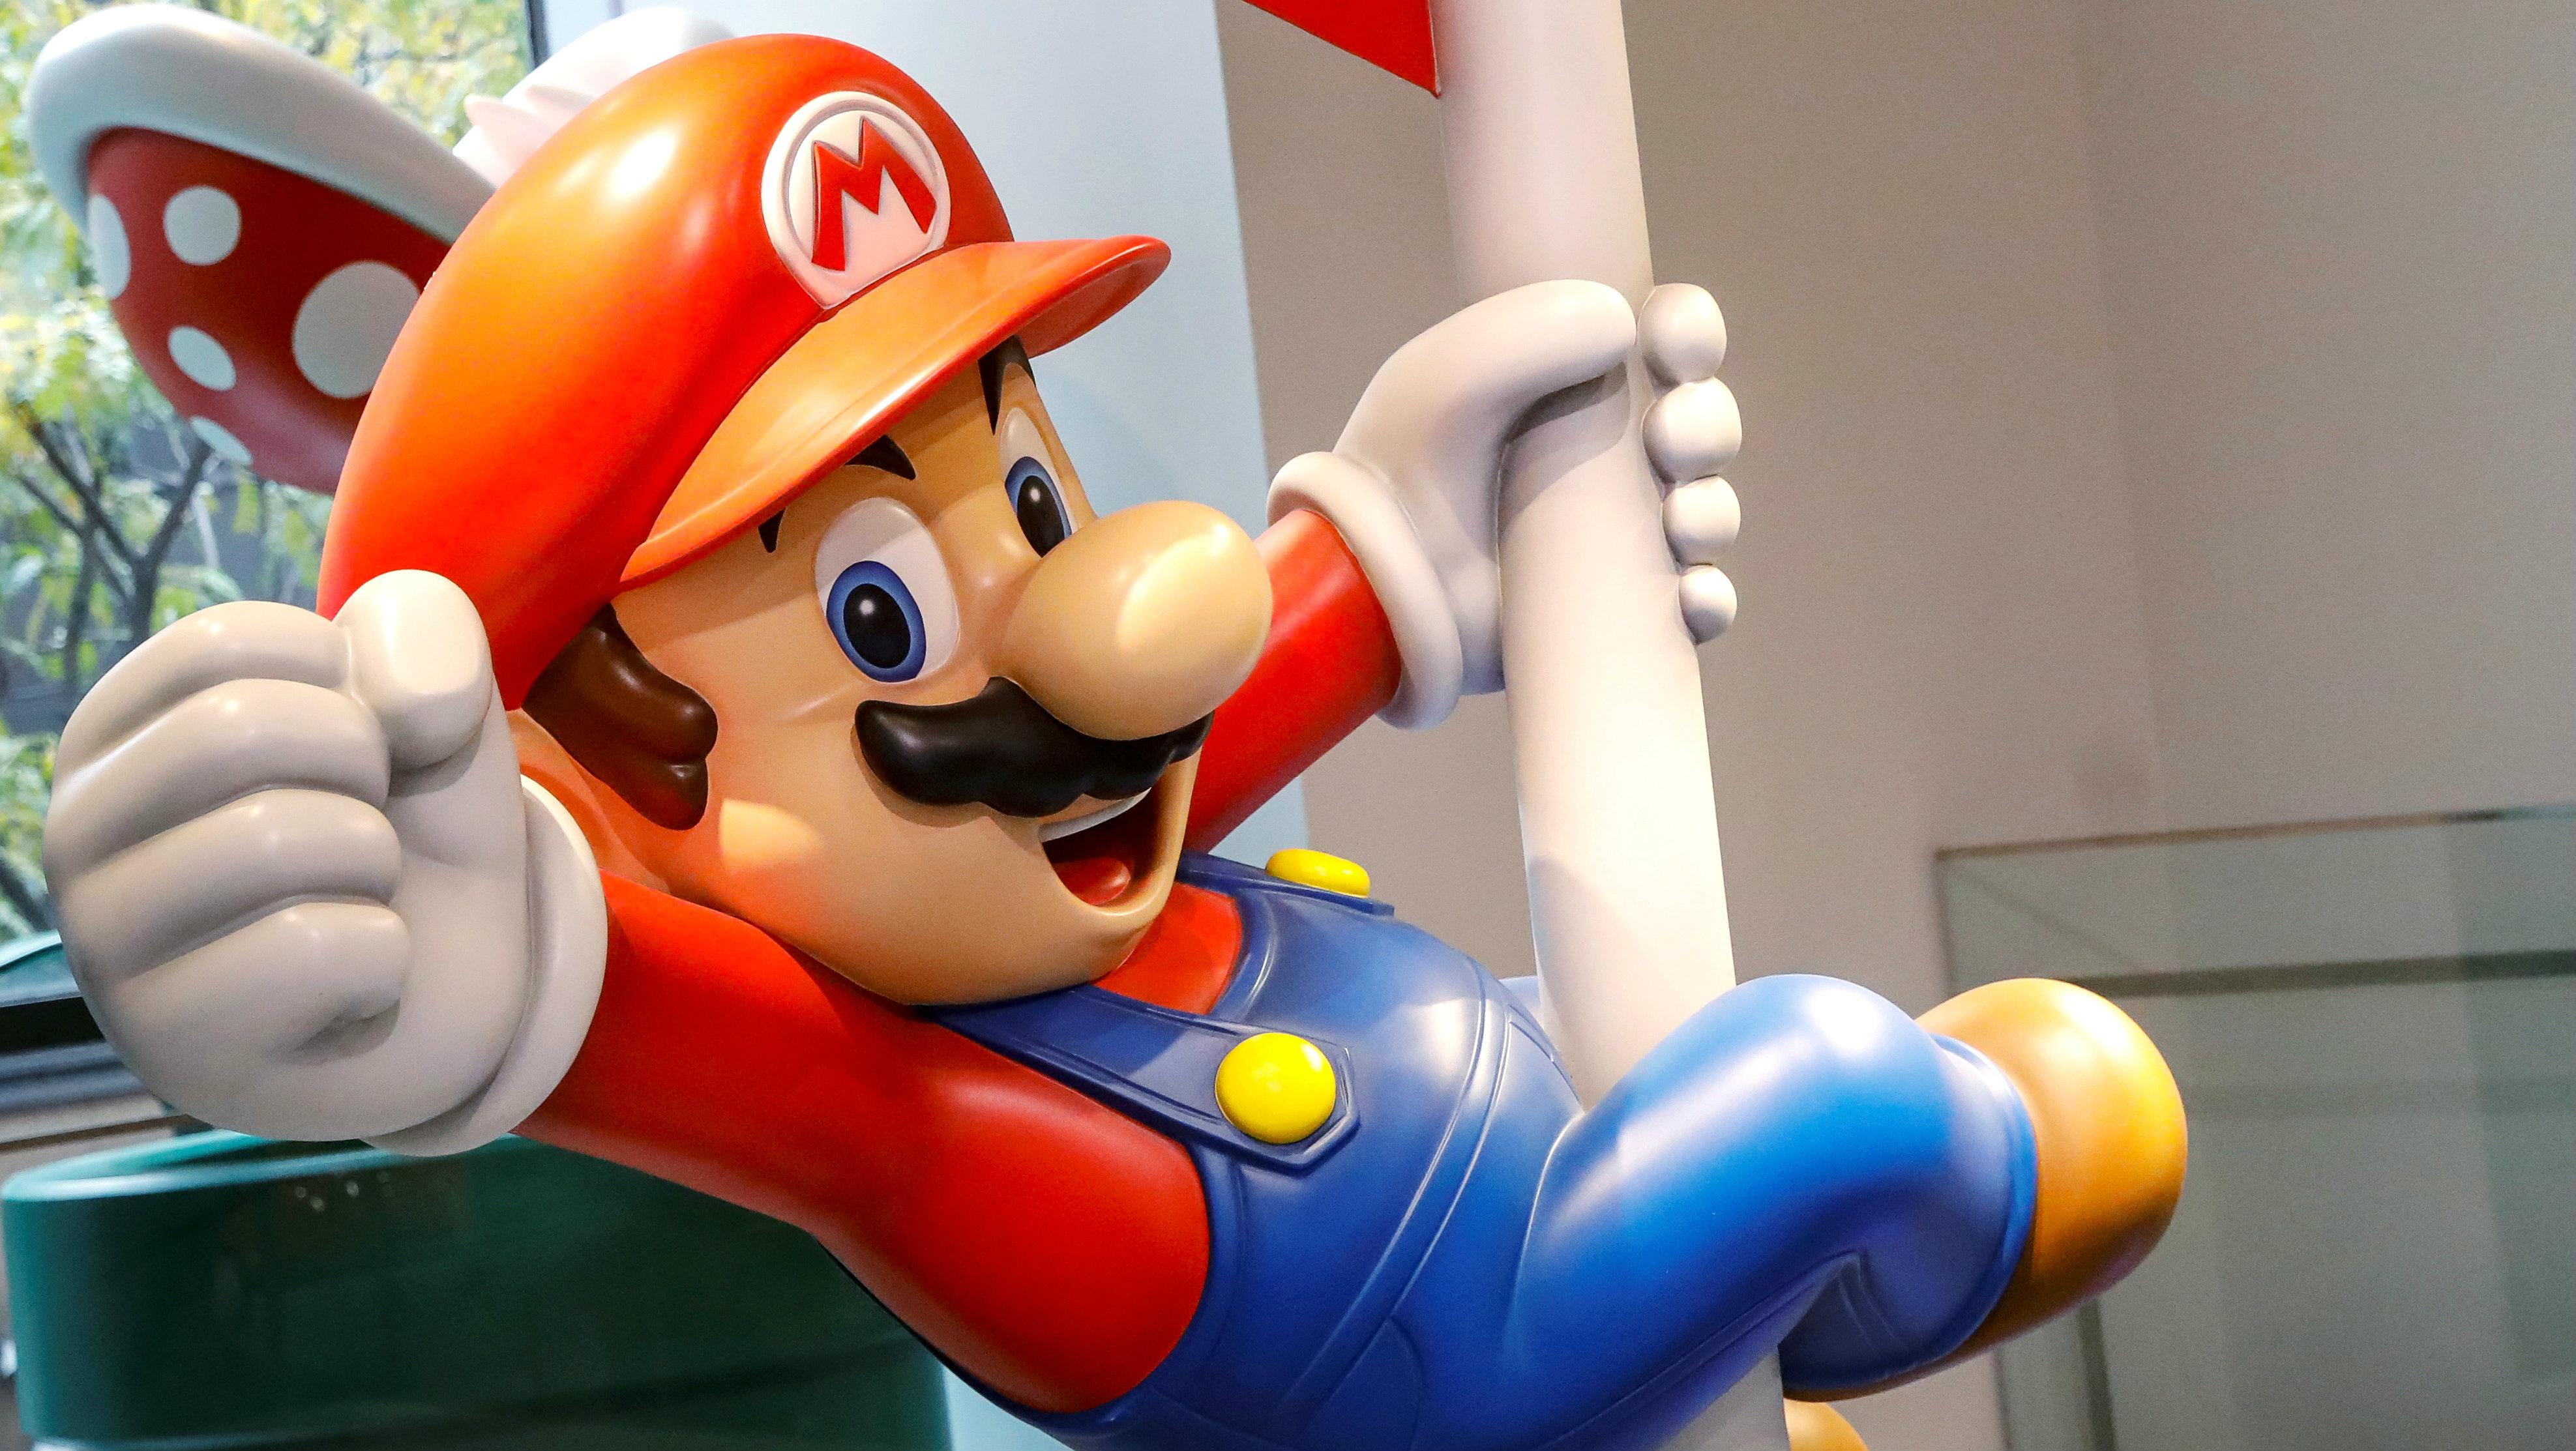 Nintendo's character Mario is seen in the Nintendo store in New York, U.S